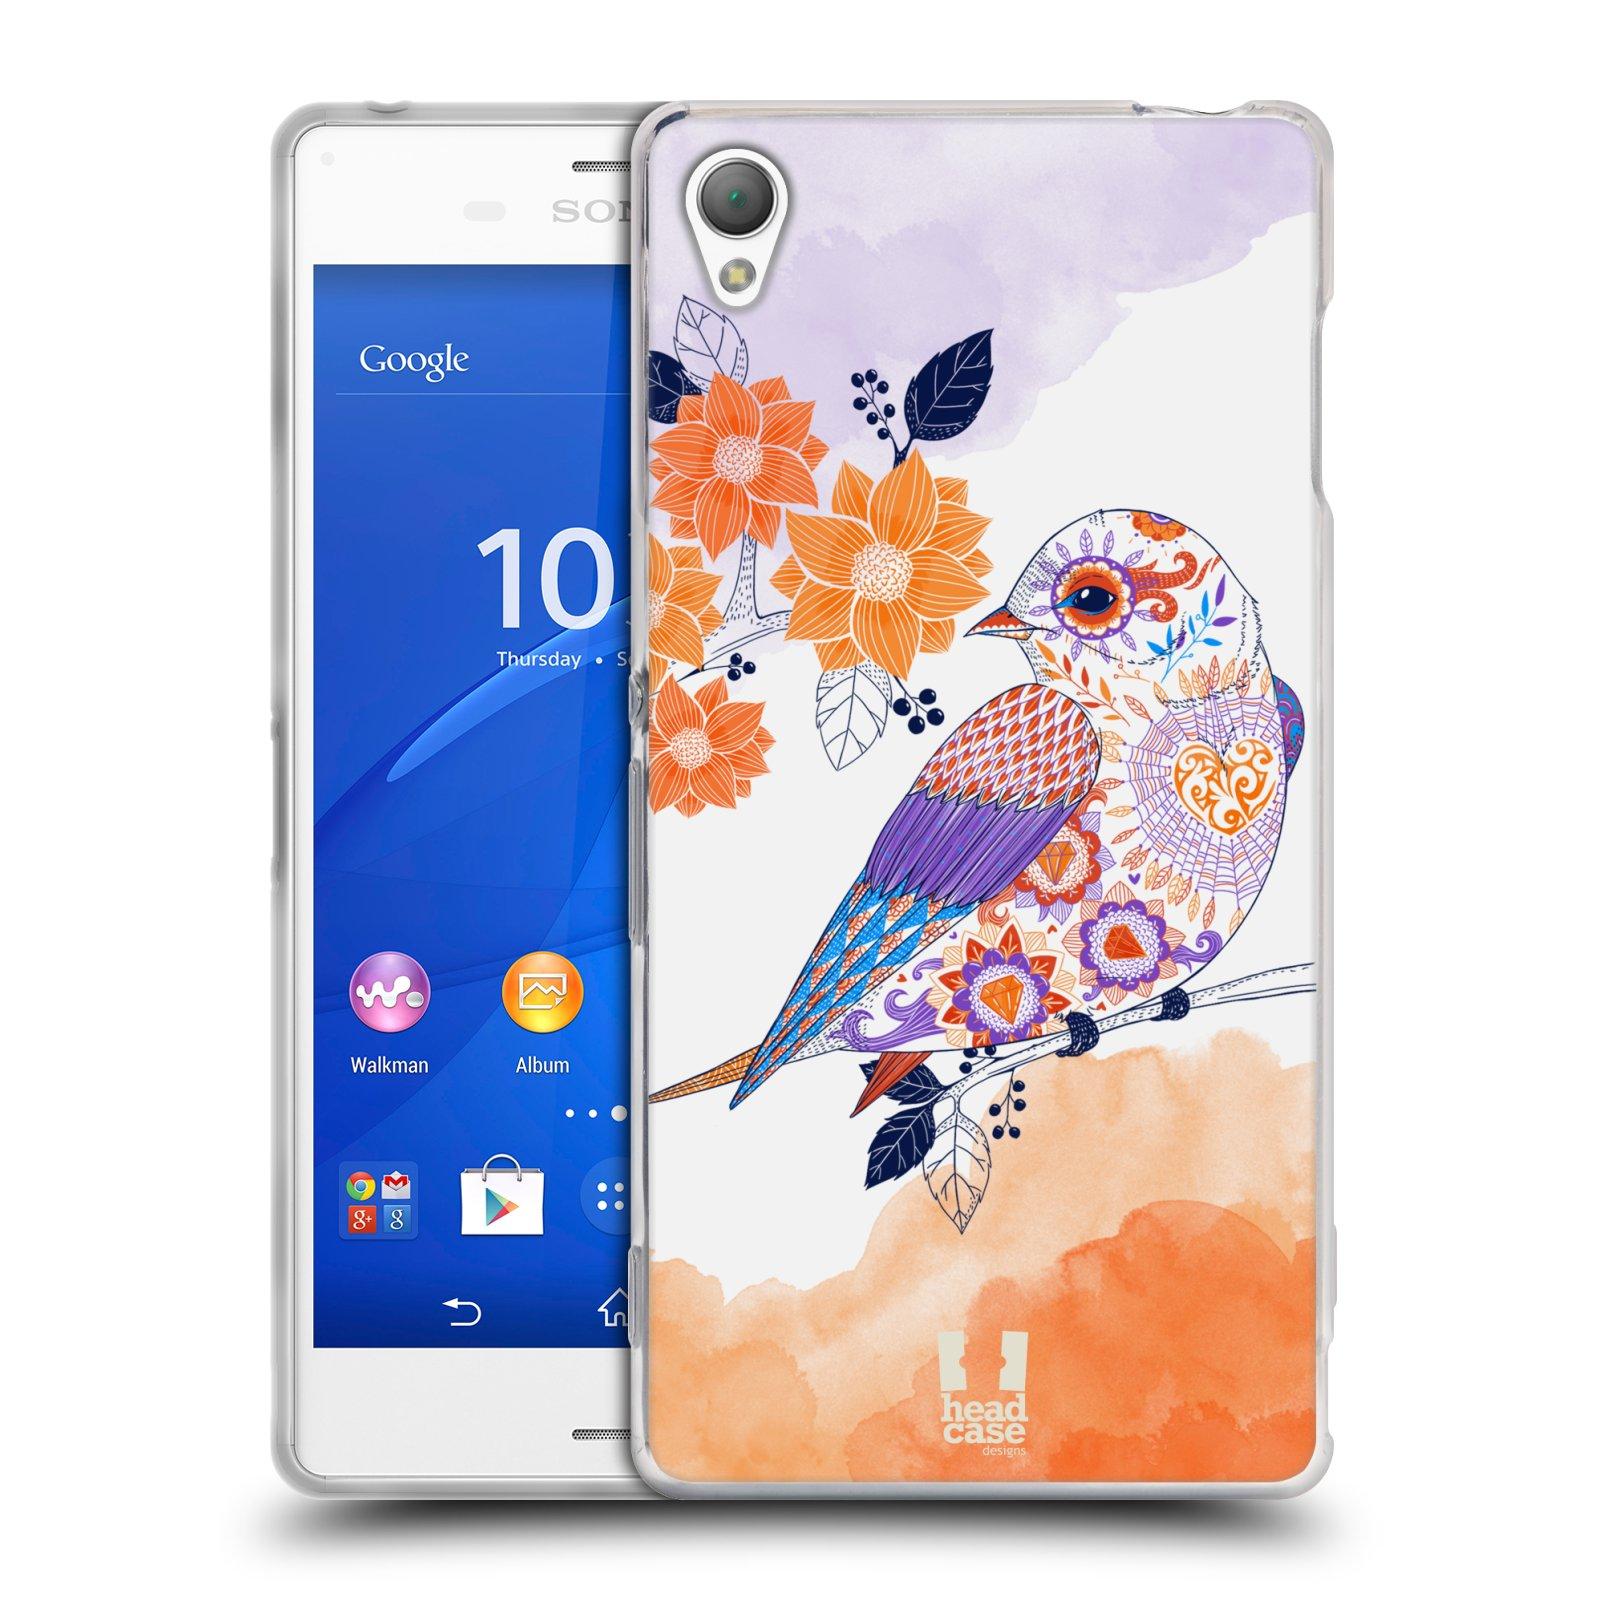 Silikonové pouzdro na mobil Sony Xperia Z3 D6603 HEAD CASE PTÁČEK TANGERINE